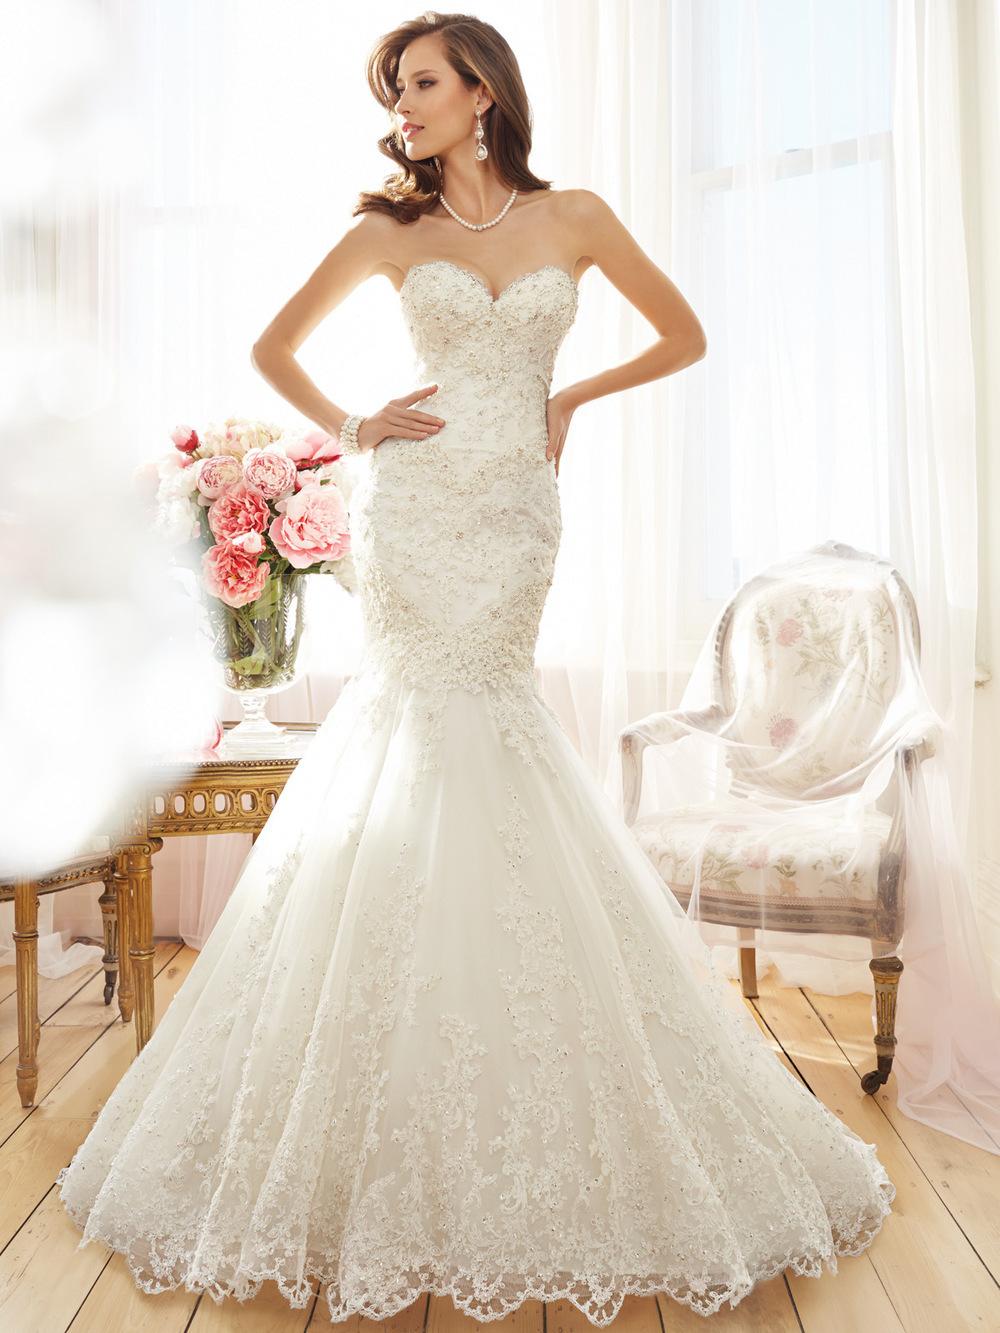 Abiti da sposa in pizzo designer immagini for High end designer wedding dresses